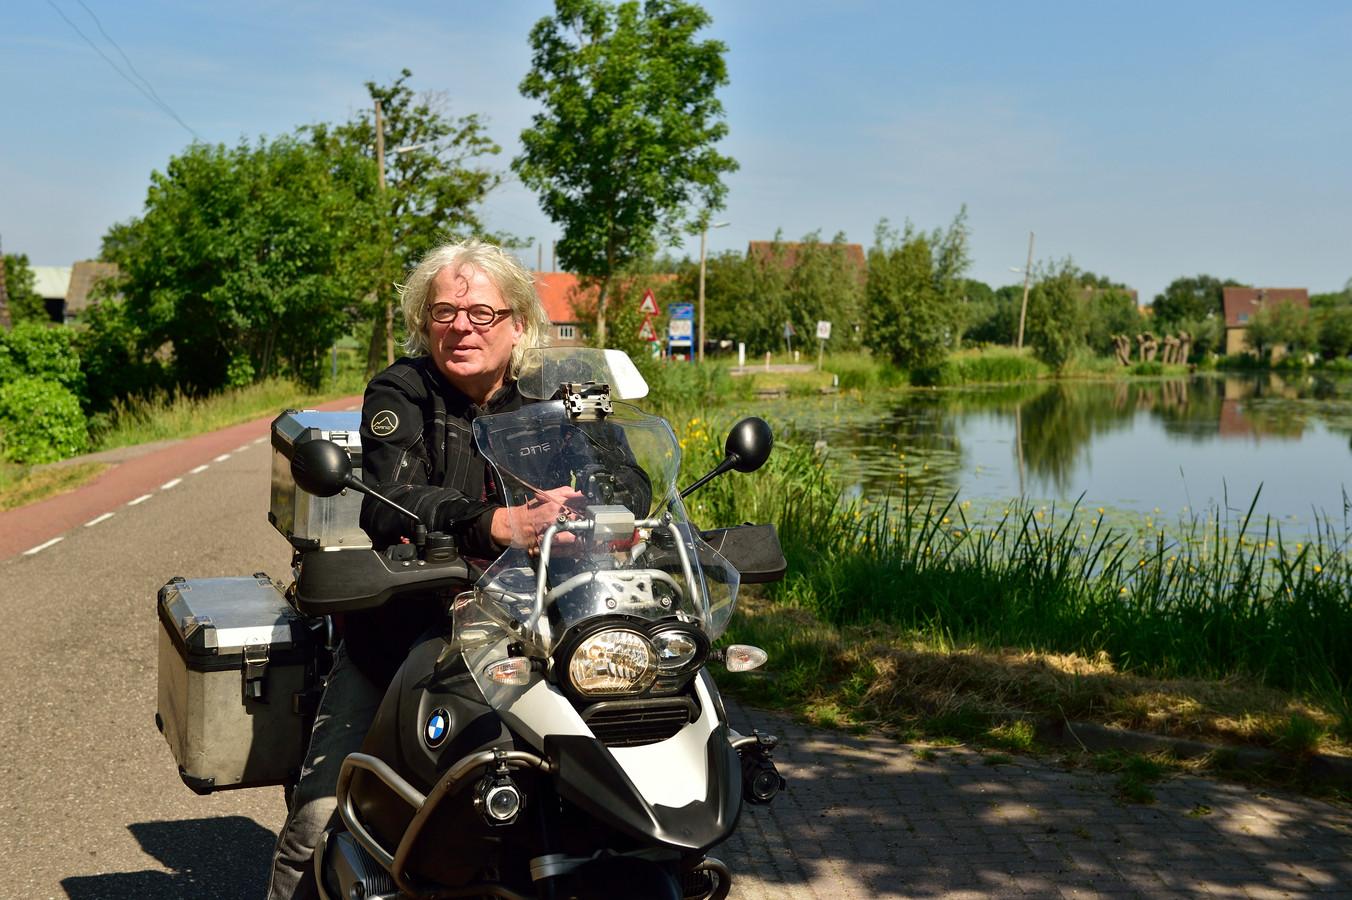 Hugo Pinksterboer van de Motorrijders Actie Groep langs de bochtige Vlist. Een mooie plek en fijn om als motorrijder je stuurmanskunst te testen.